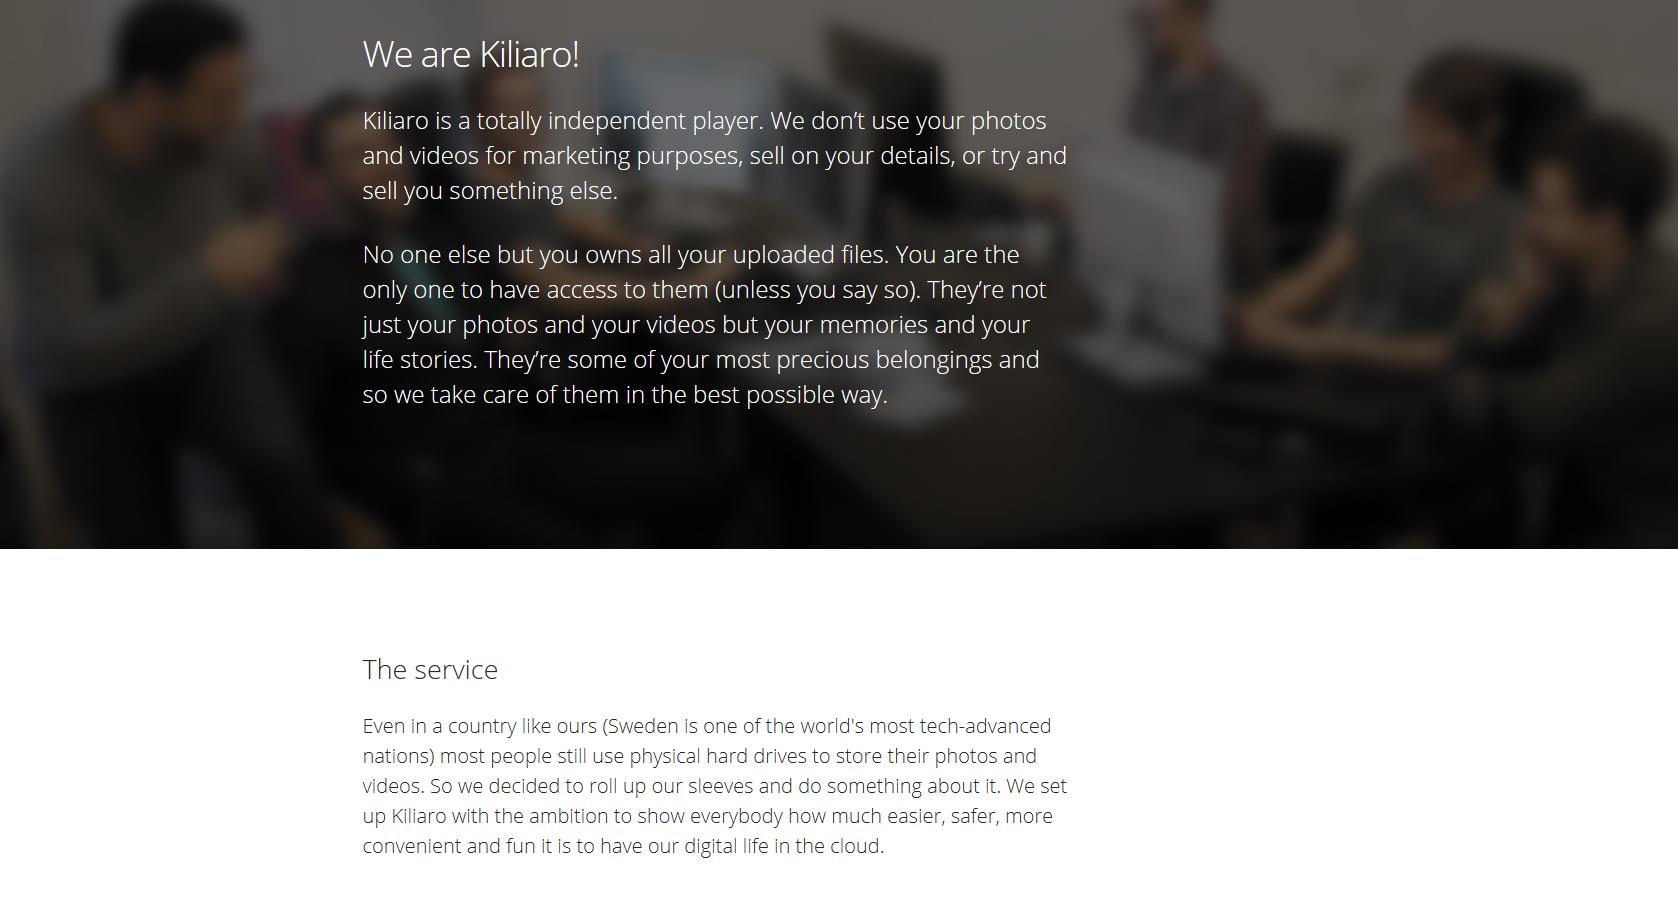 Kiliaro website homepage